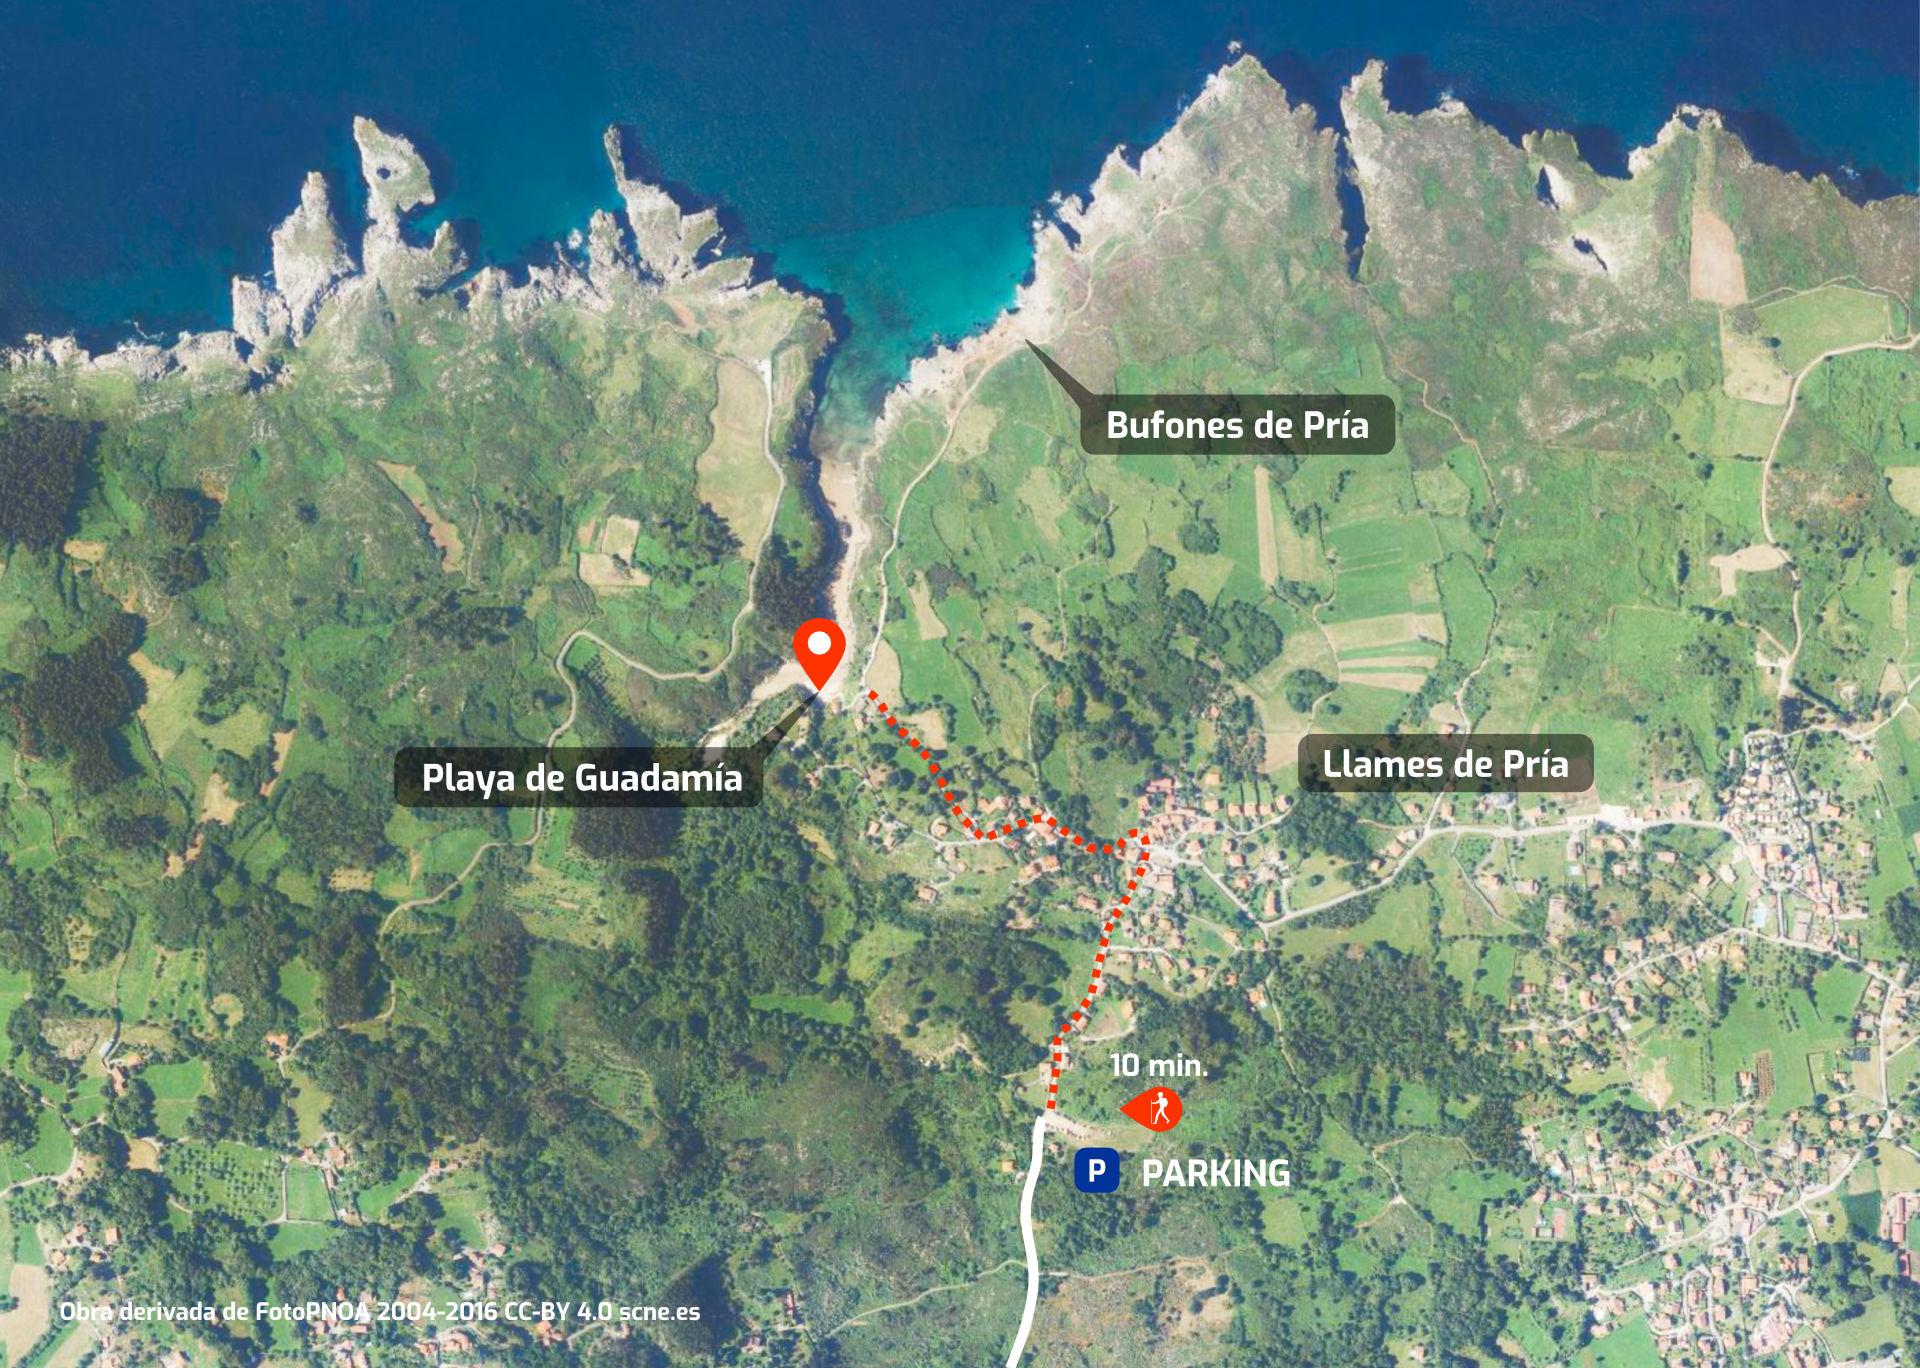 Mapa de cómo llegar a la Playa de Guadamía, en Llanes, Asturias